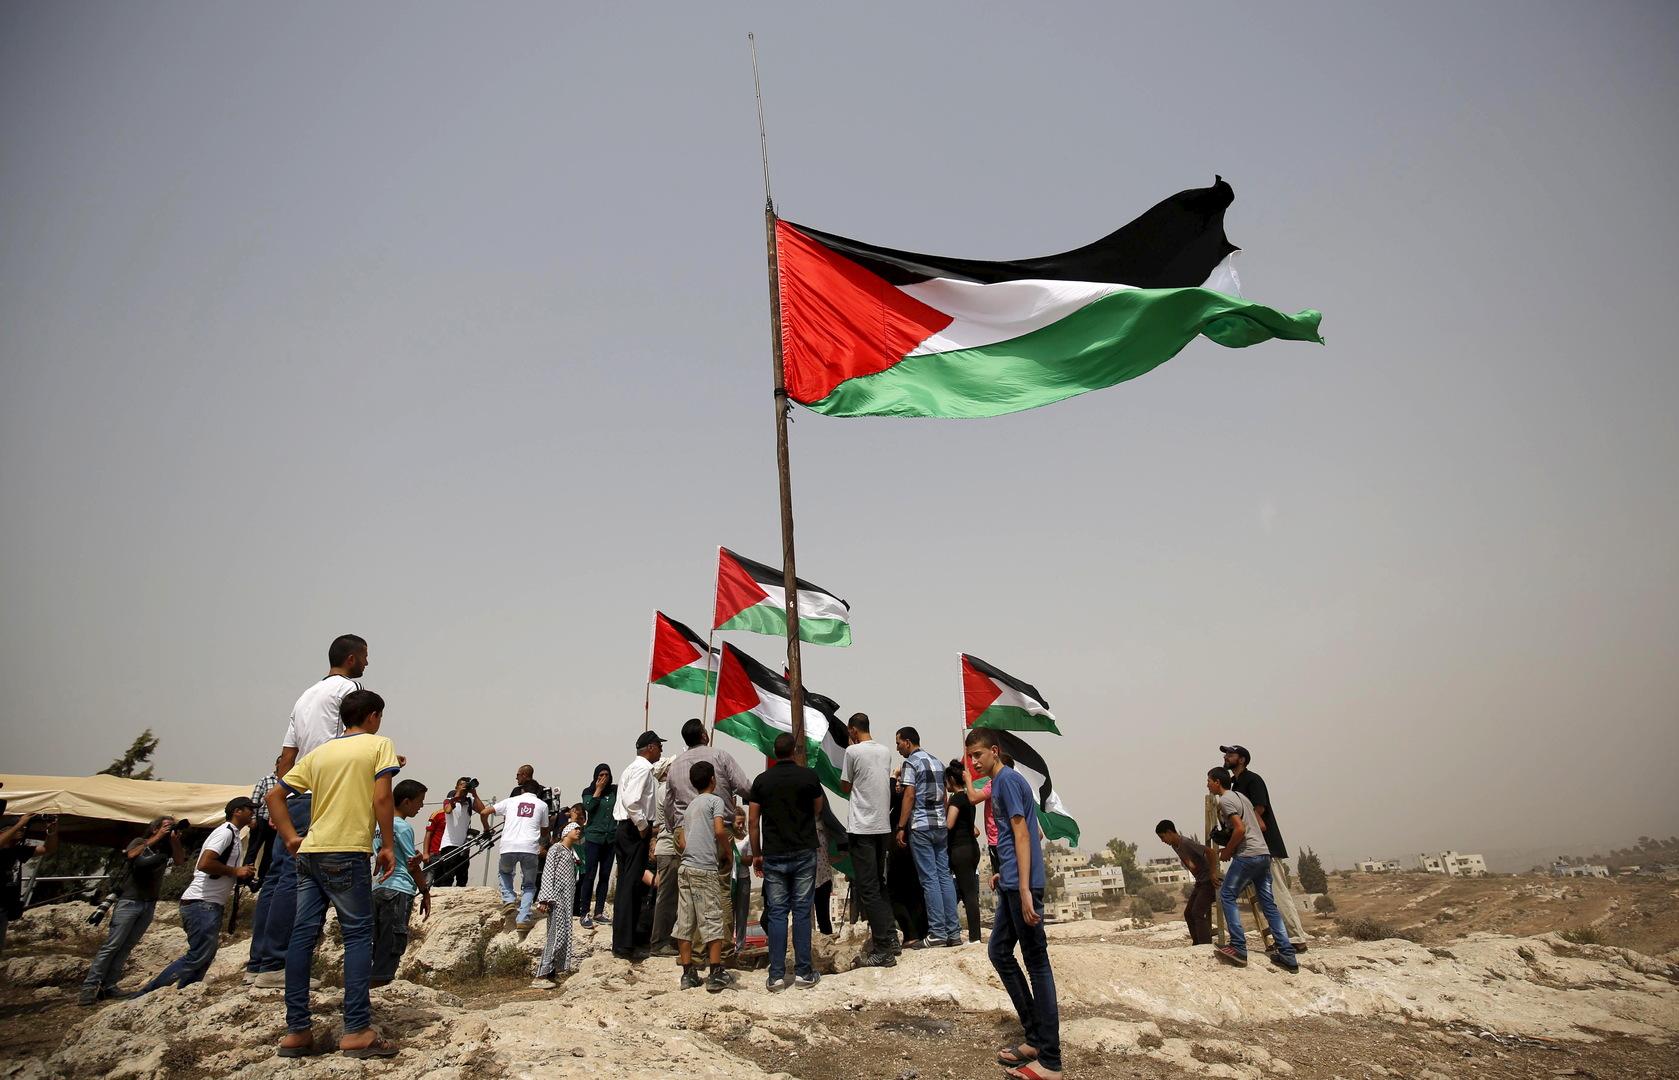 الضفة الغربية.. إصابة أكثر من 250 فلسطينيا في اشتباكات مع القوات الإسرائيلية